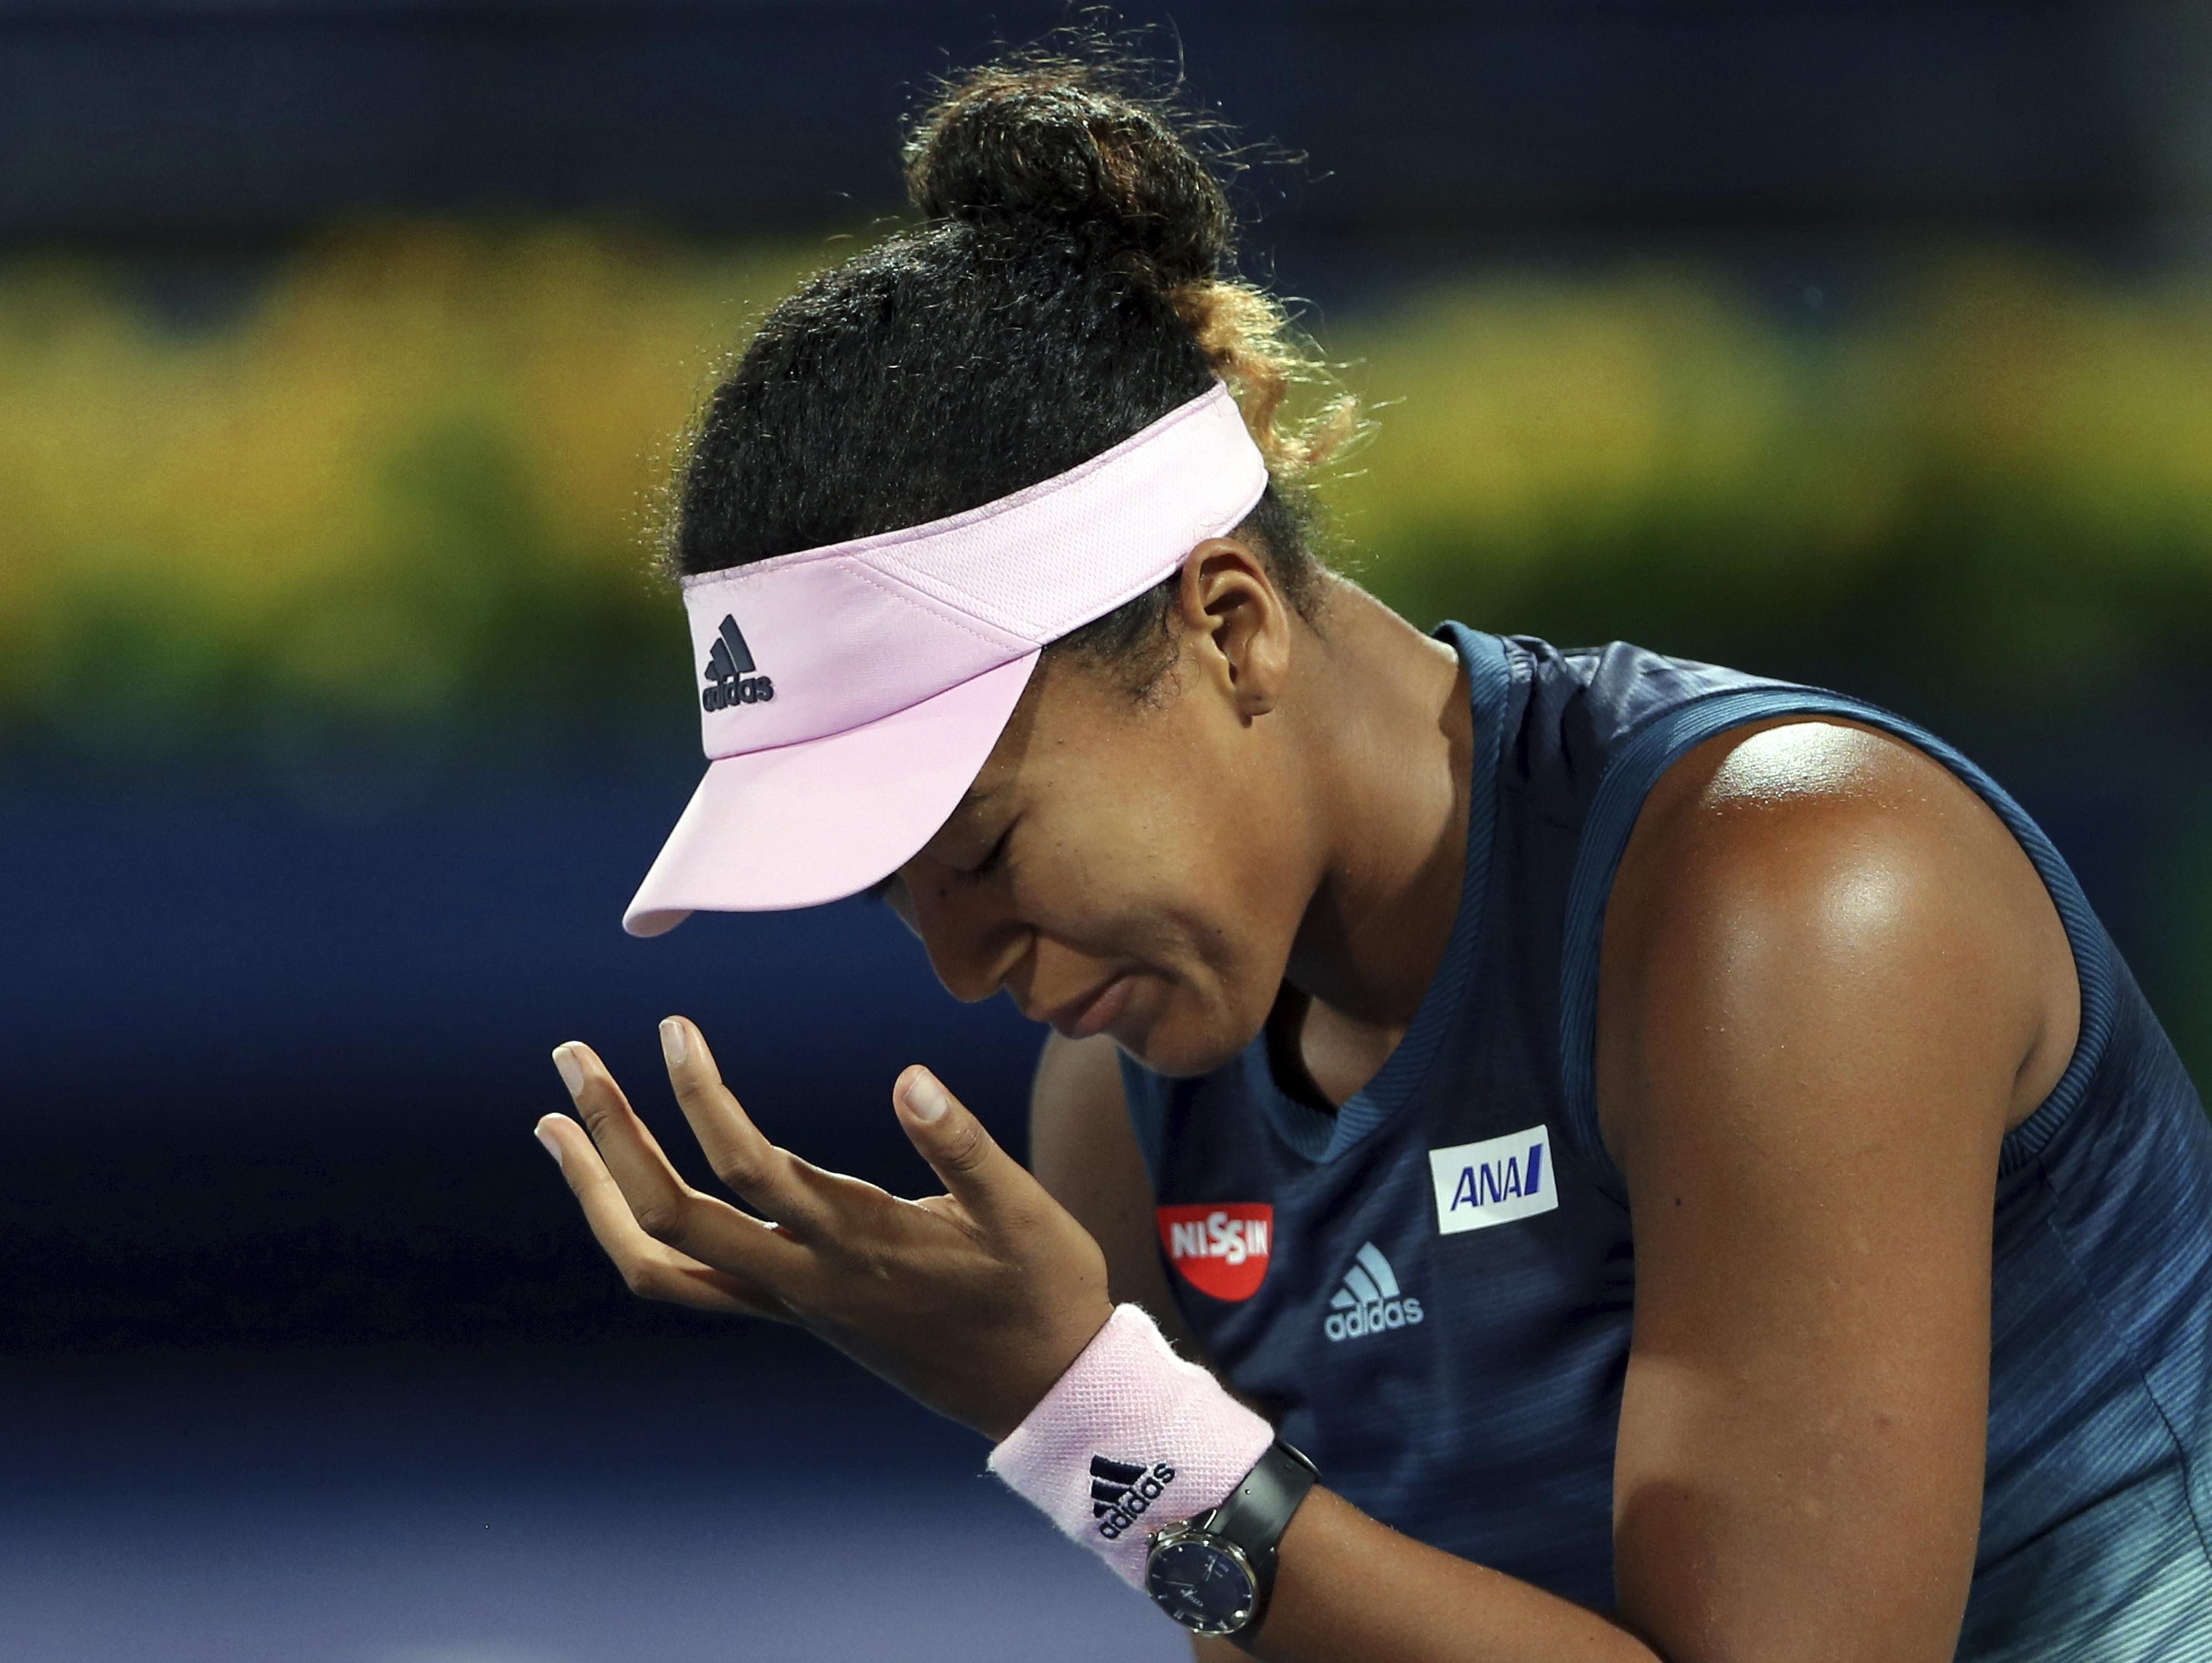 נאומי אוסקה הפסידה, פרצה בבכי והודתה: קשה לי להתמודד עם תשומת הלב